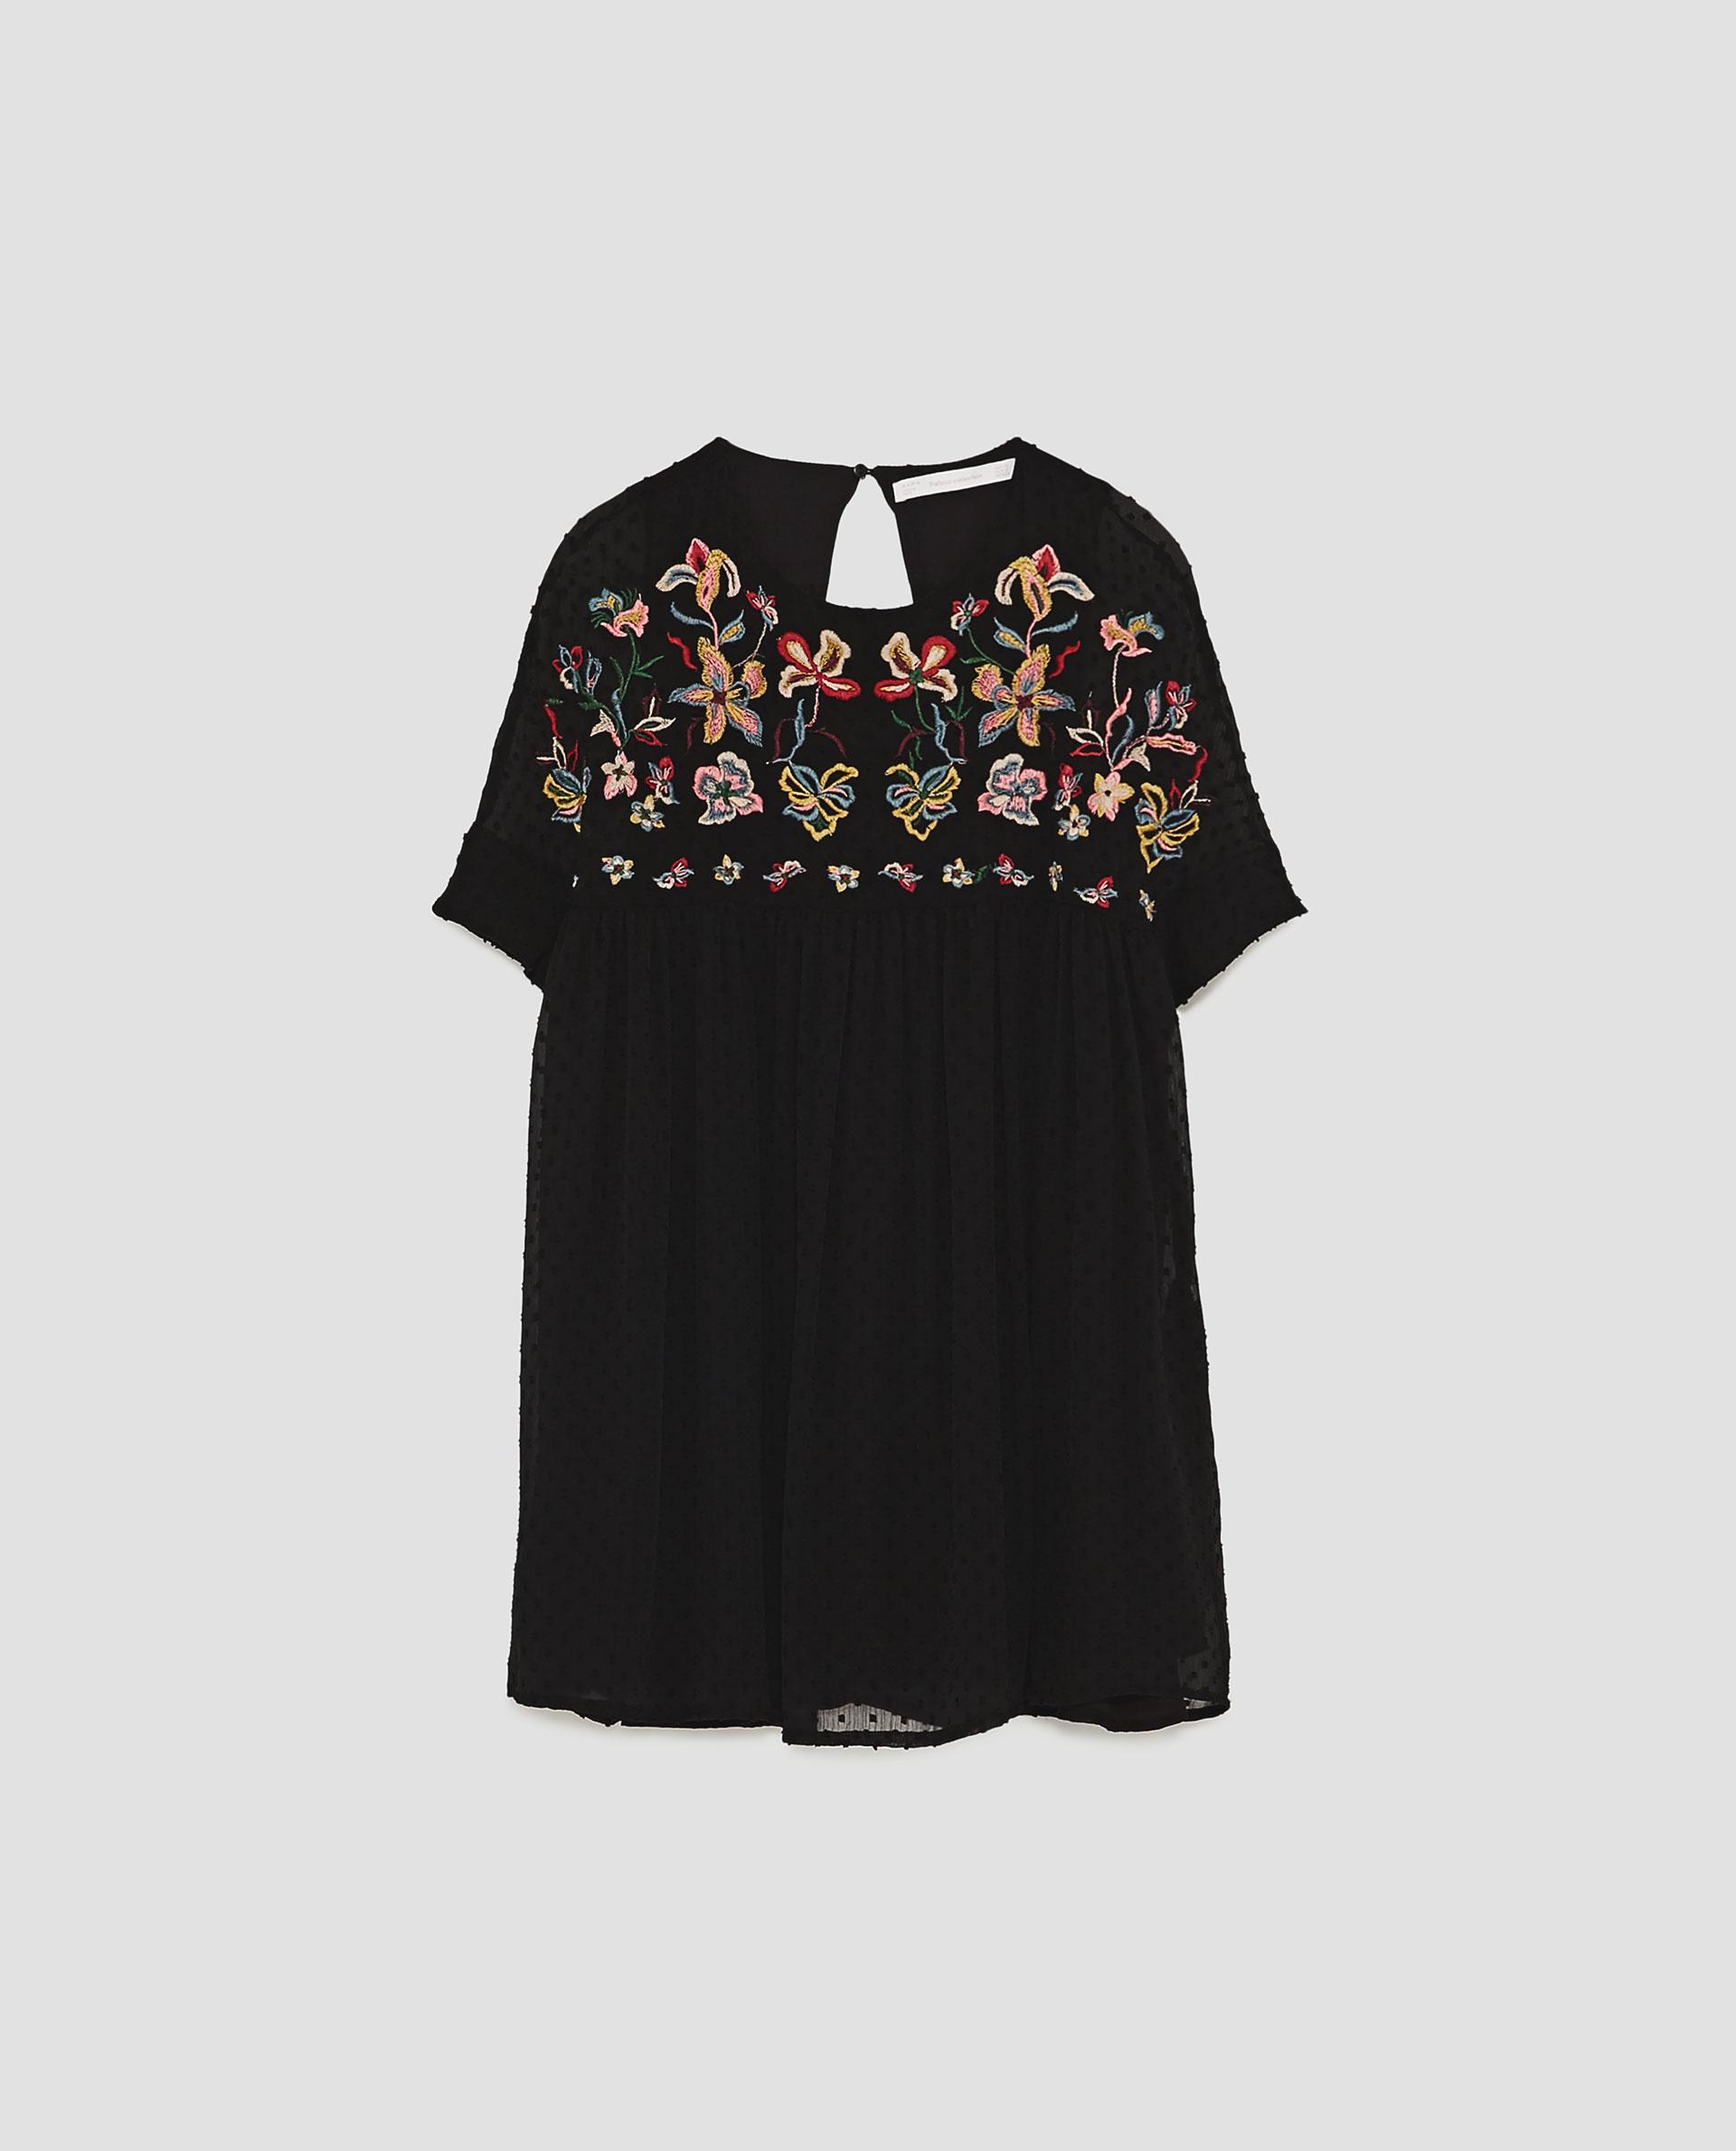 aaf26ee69a Zara sukienka z tkaniny plumeti z haftem 38 M - 7404437685 ...